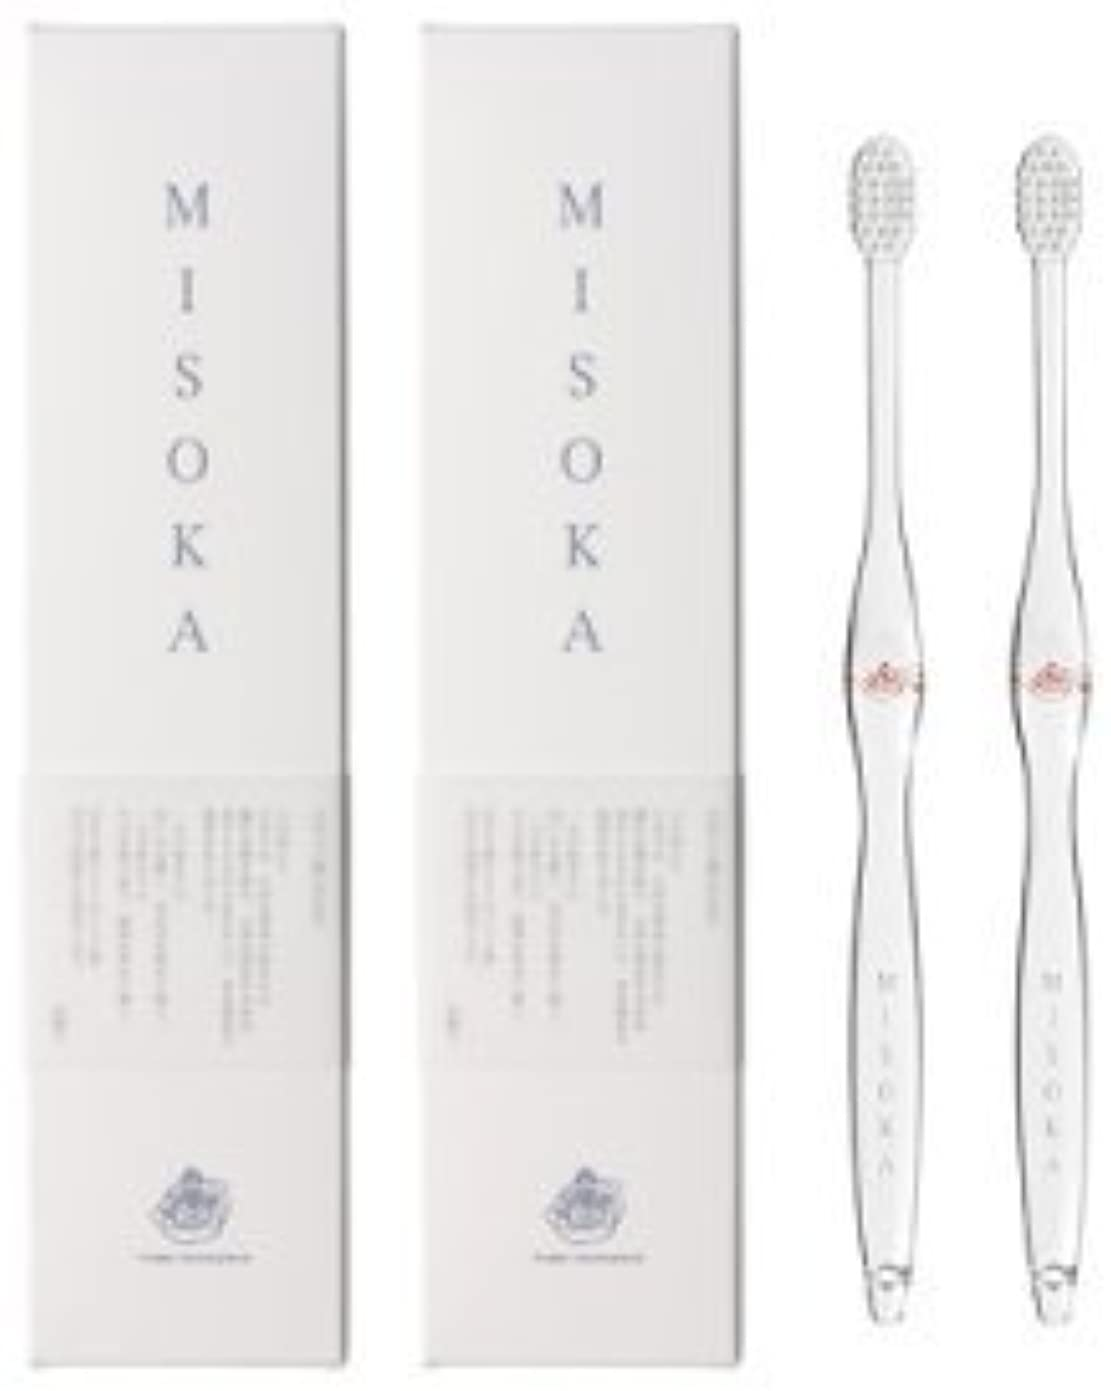 解決するテキスト水分MISOKA(ミソカ) 歯ブラシ 朱色 2本セット